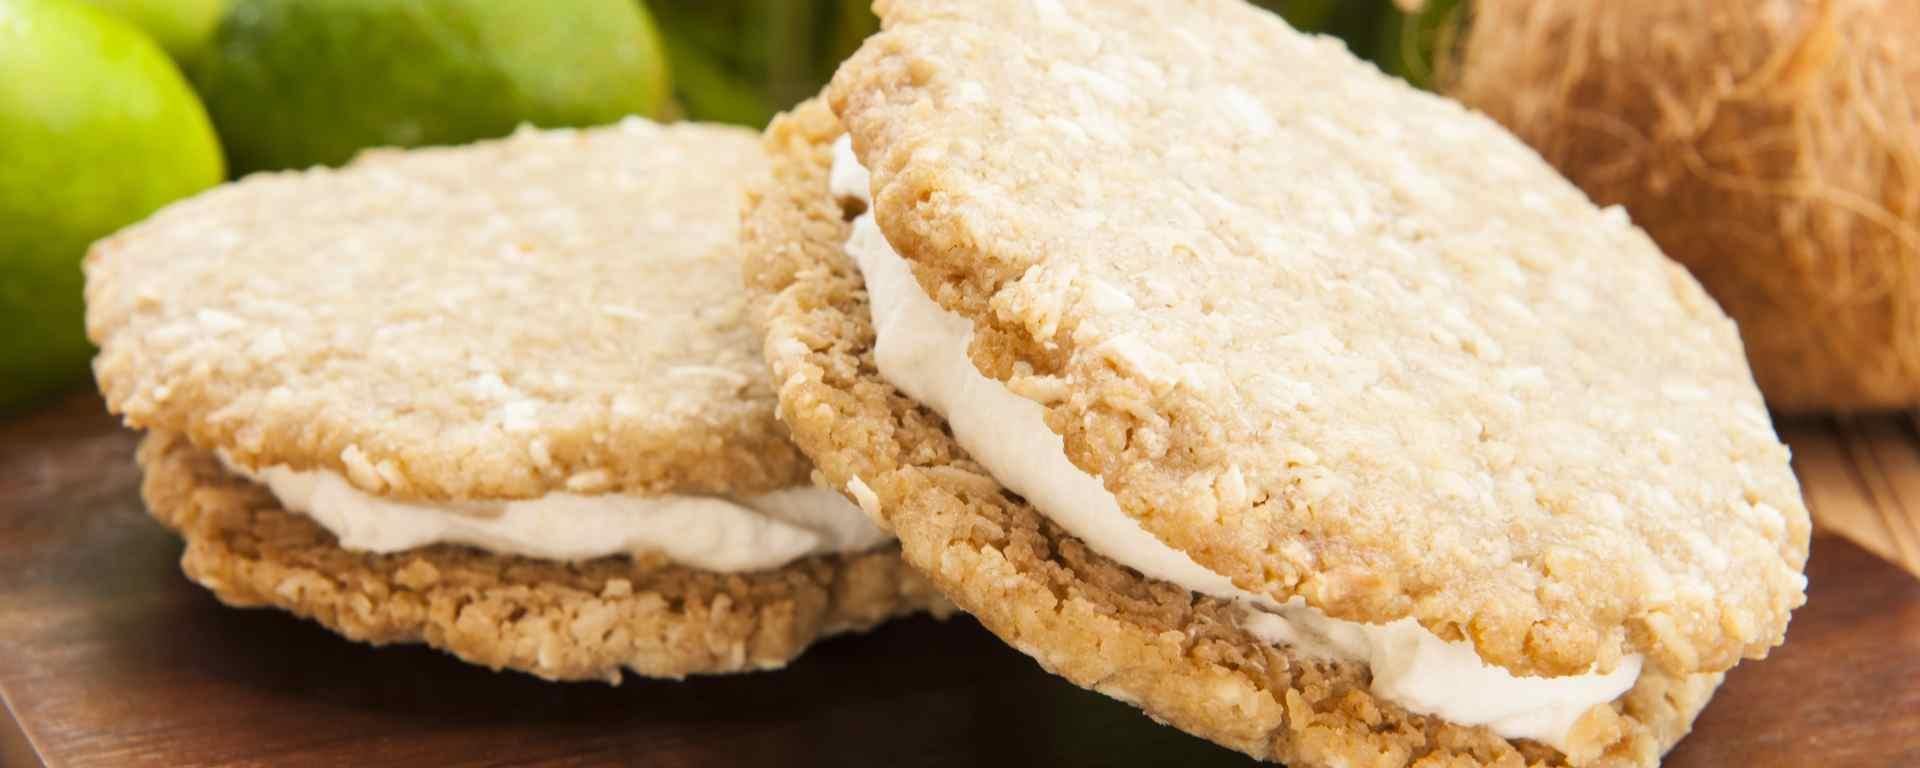 Photo for - Biscuits- sandwiches à la tarte aux pommes